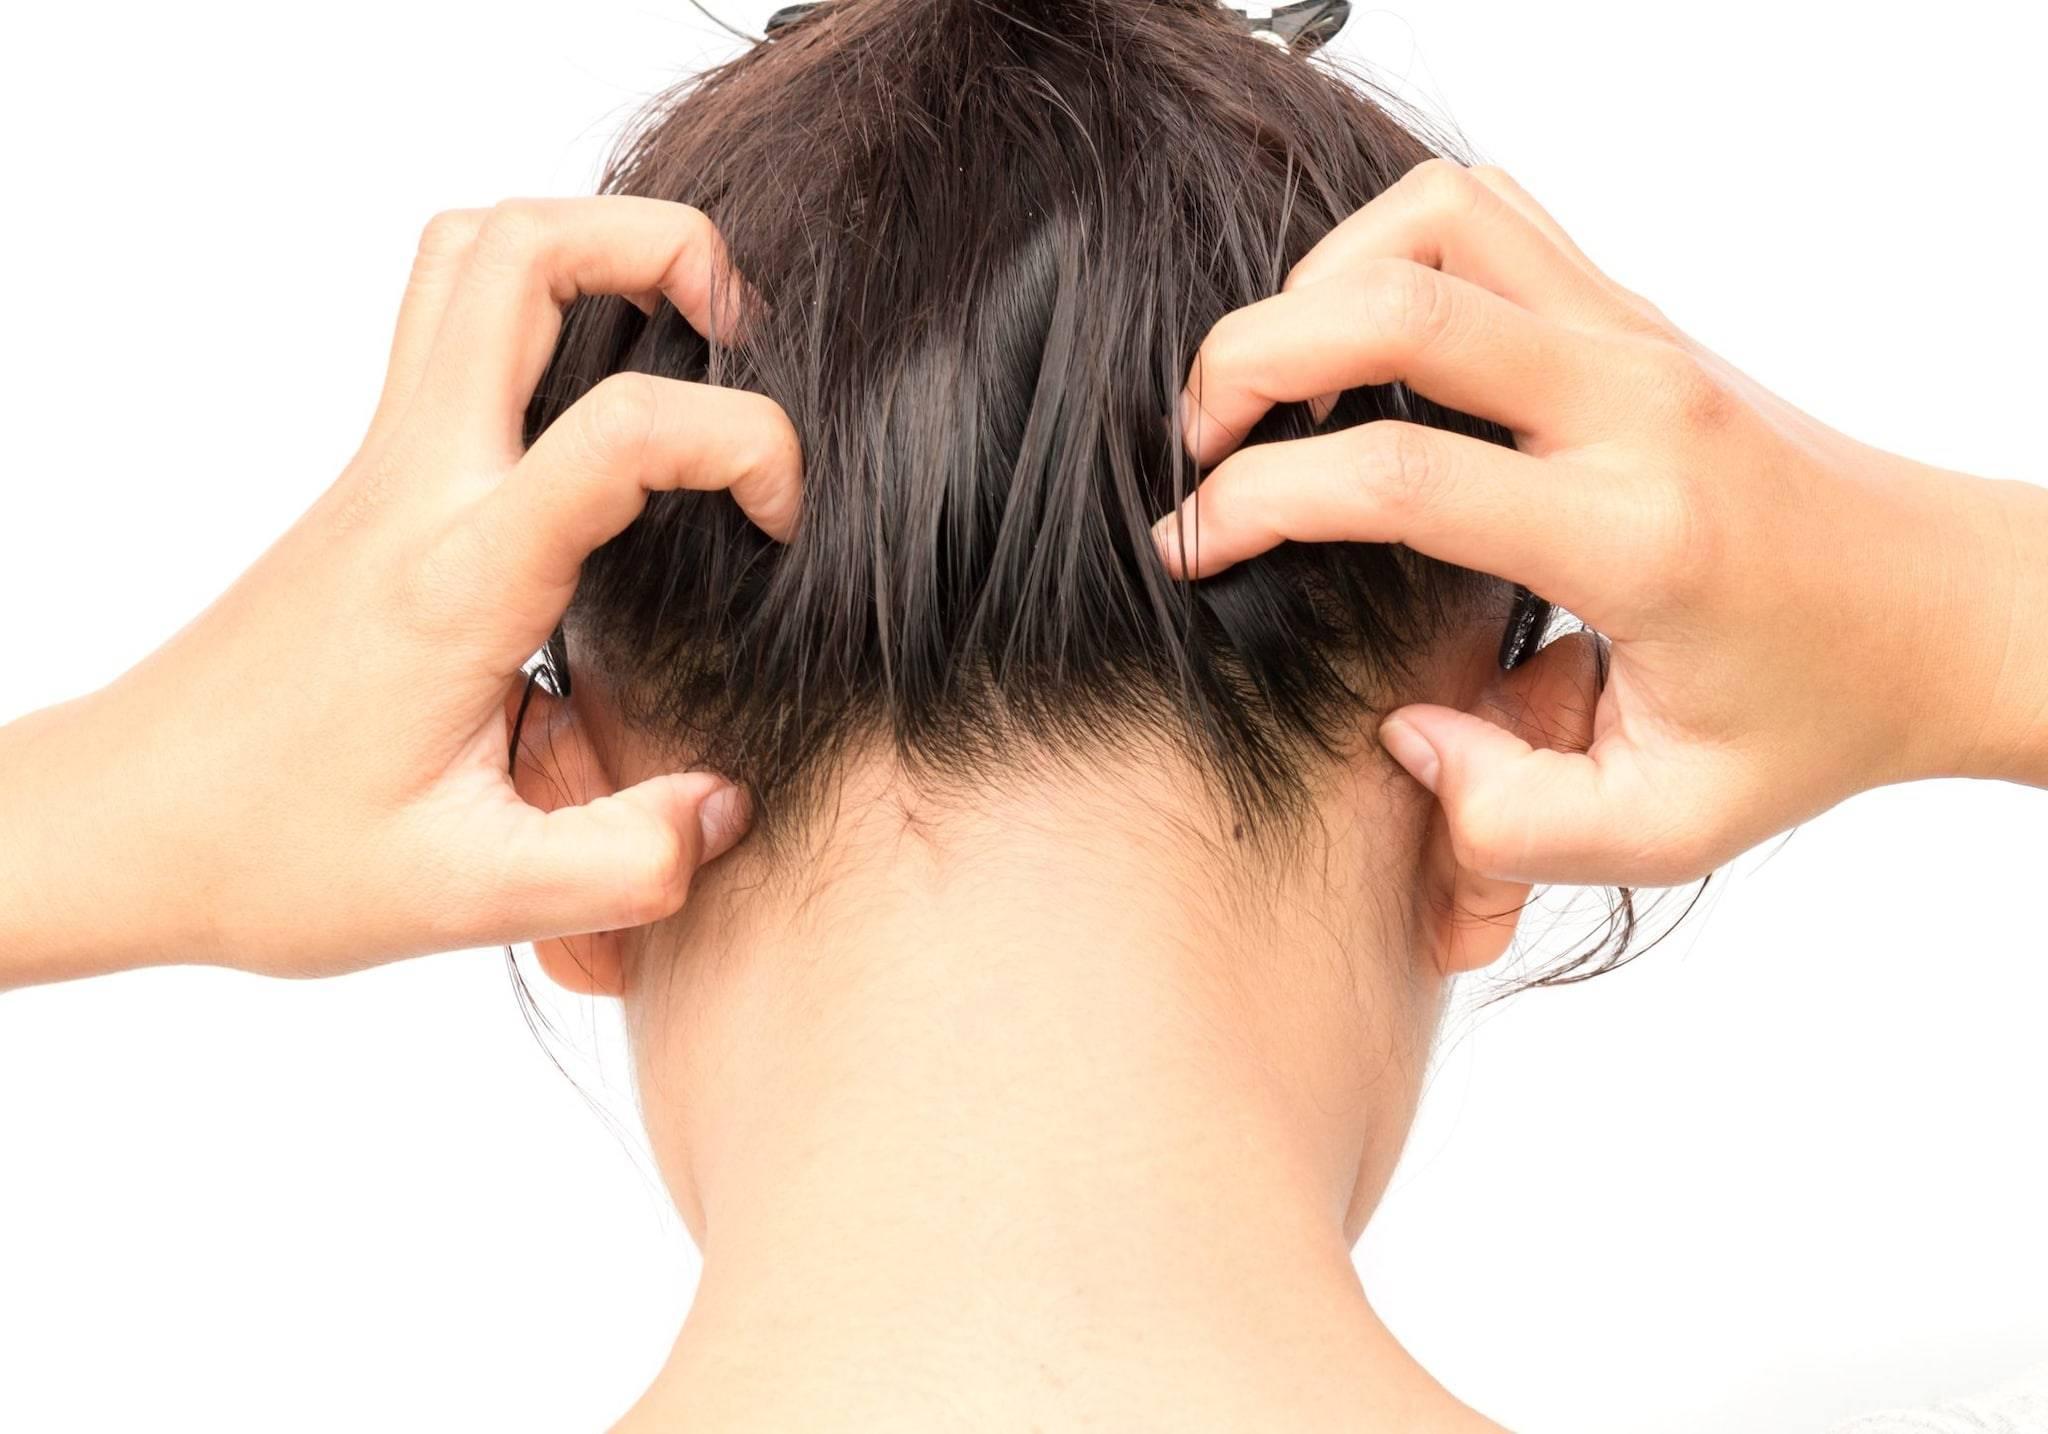 Шелушение кожи головы: от чего возникает и как избавиться